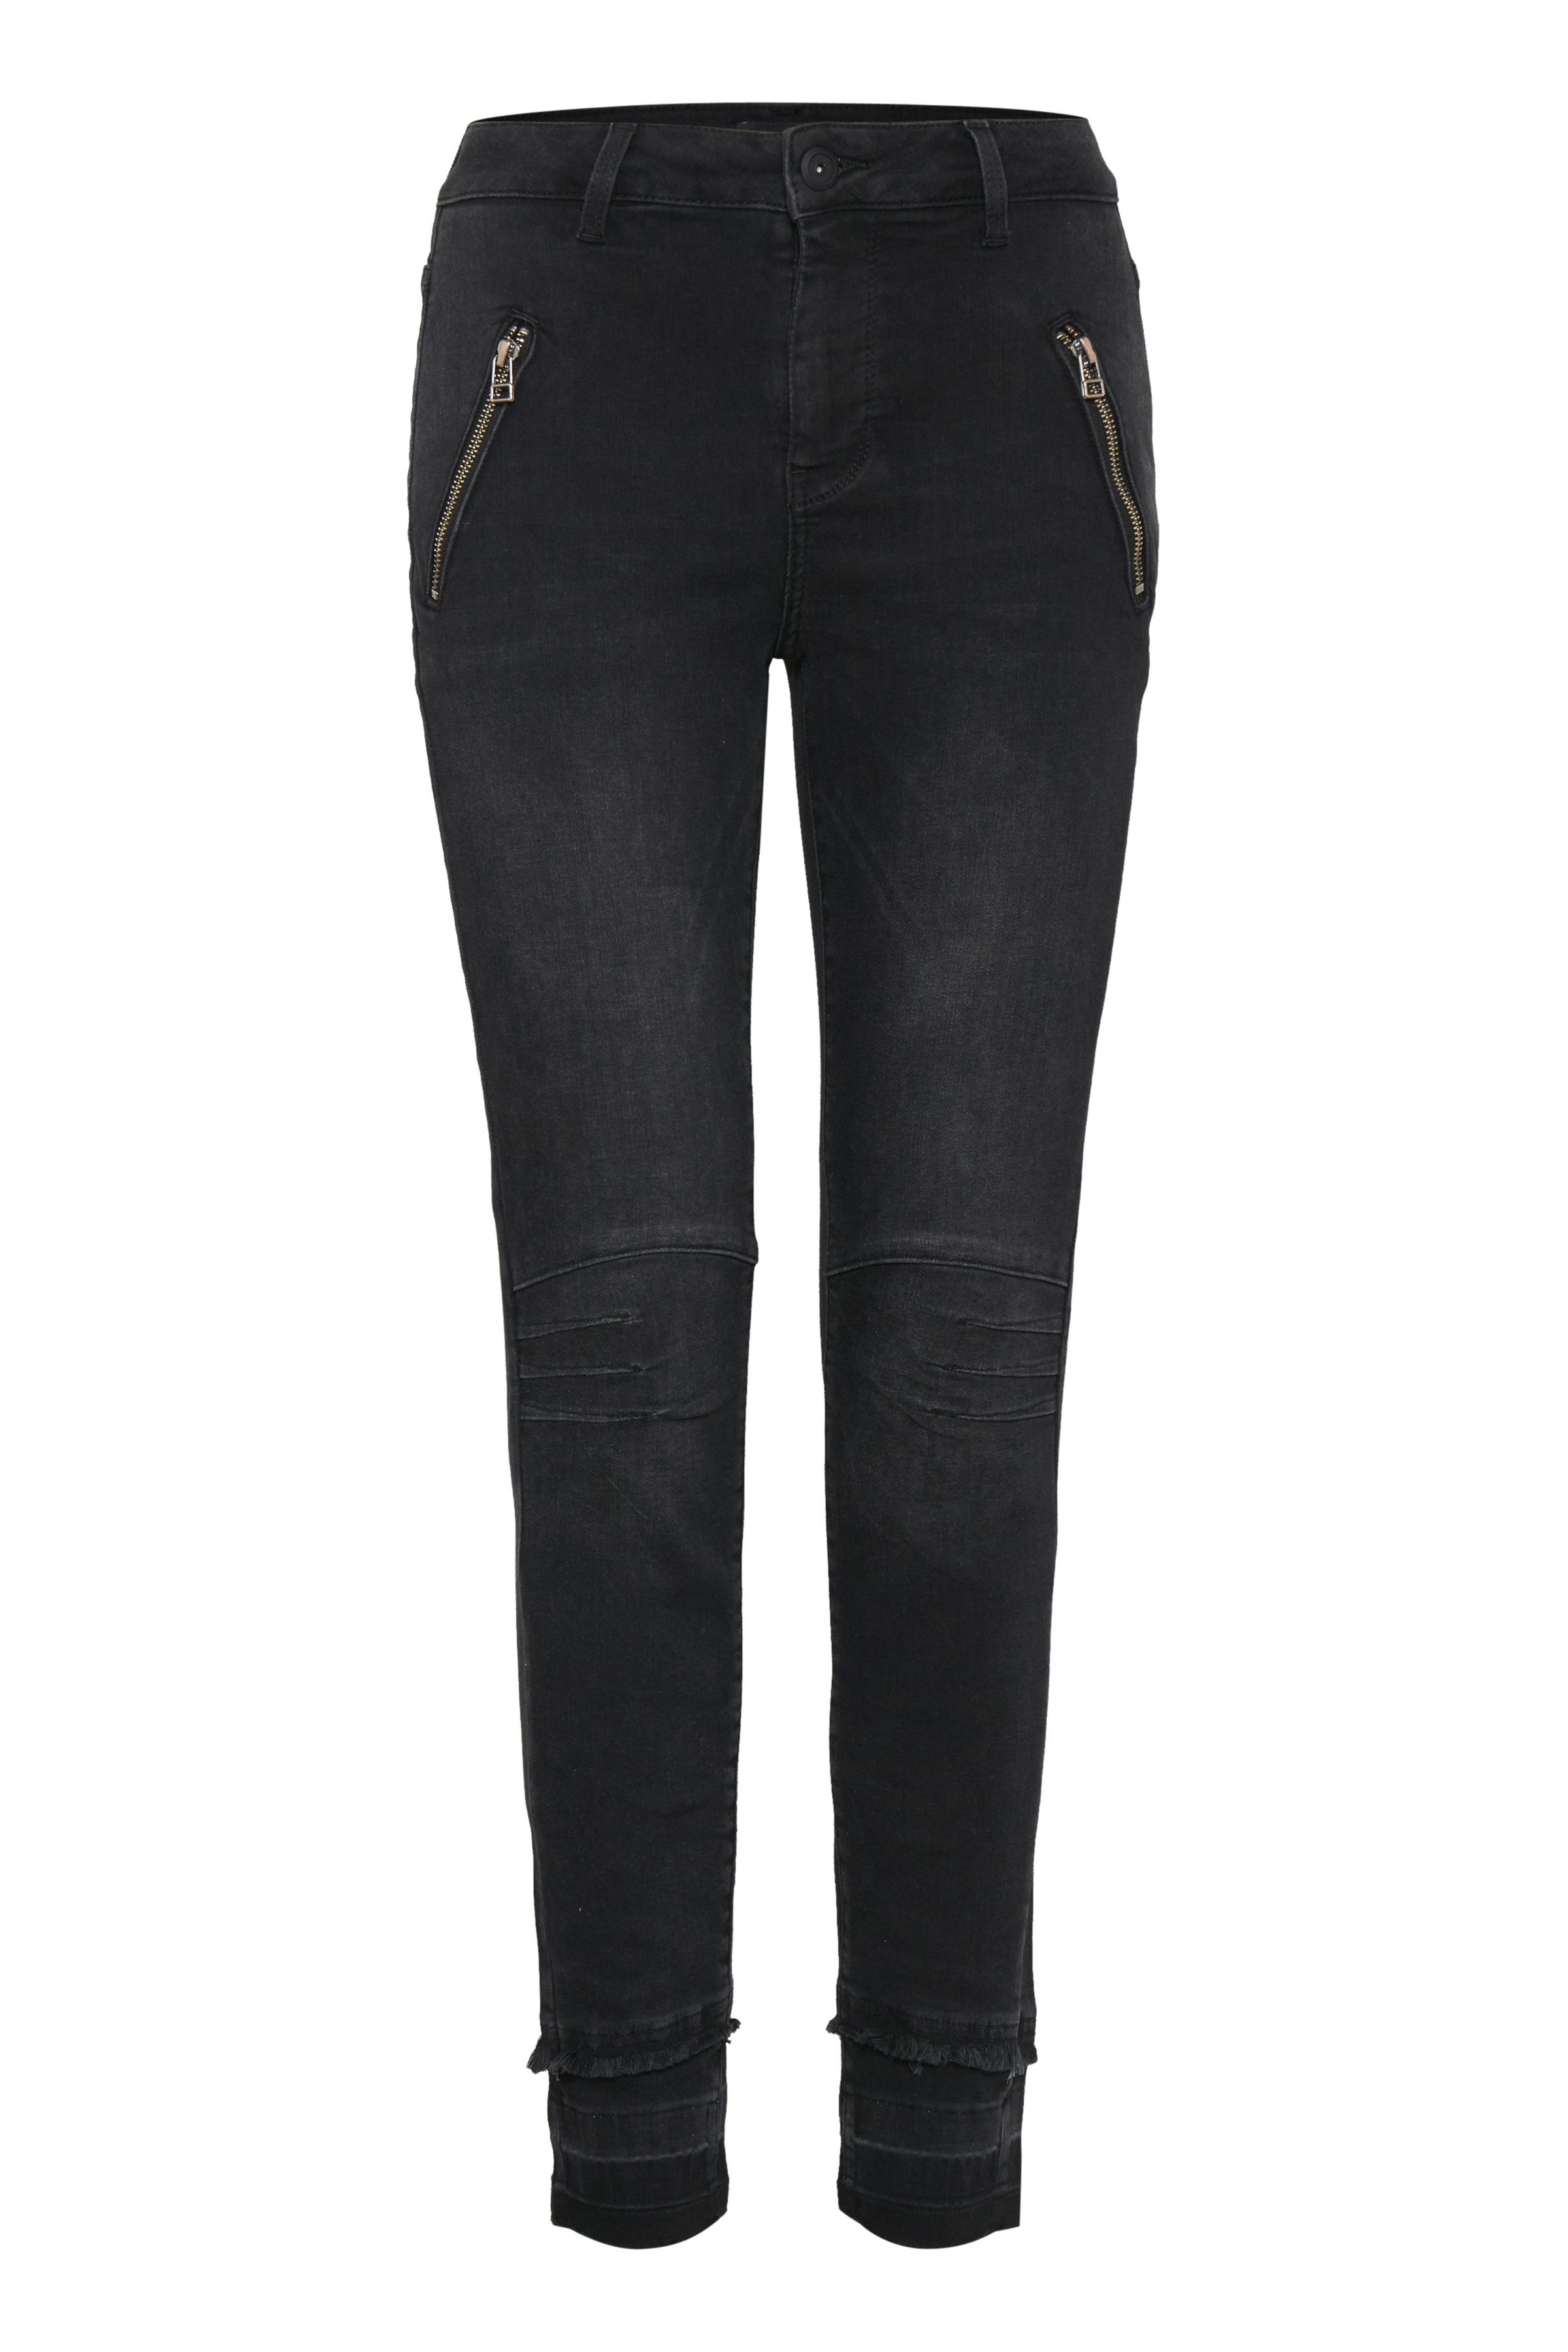 Image of Pulz Jeans Dame Højtaljede ankelbukser - Denimgrå